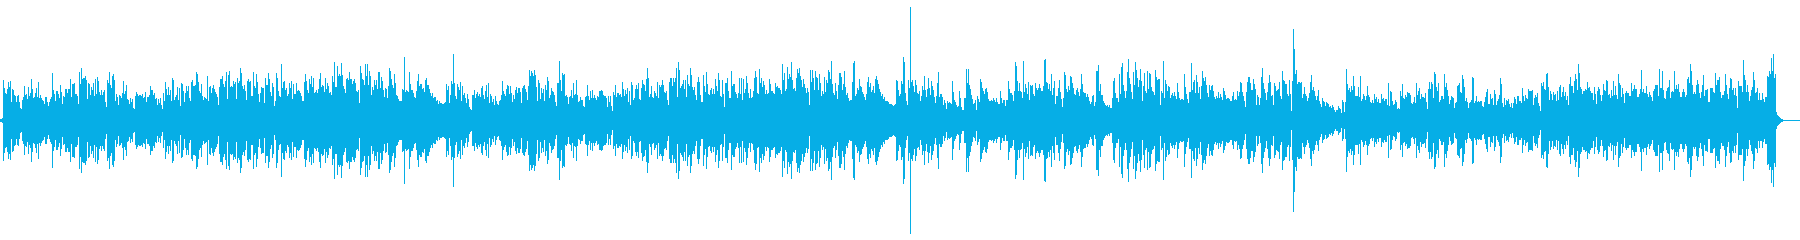 マイナー調のアコギインストの再生済みの波形